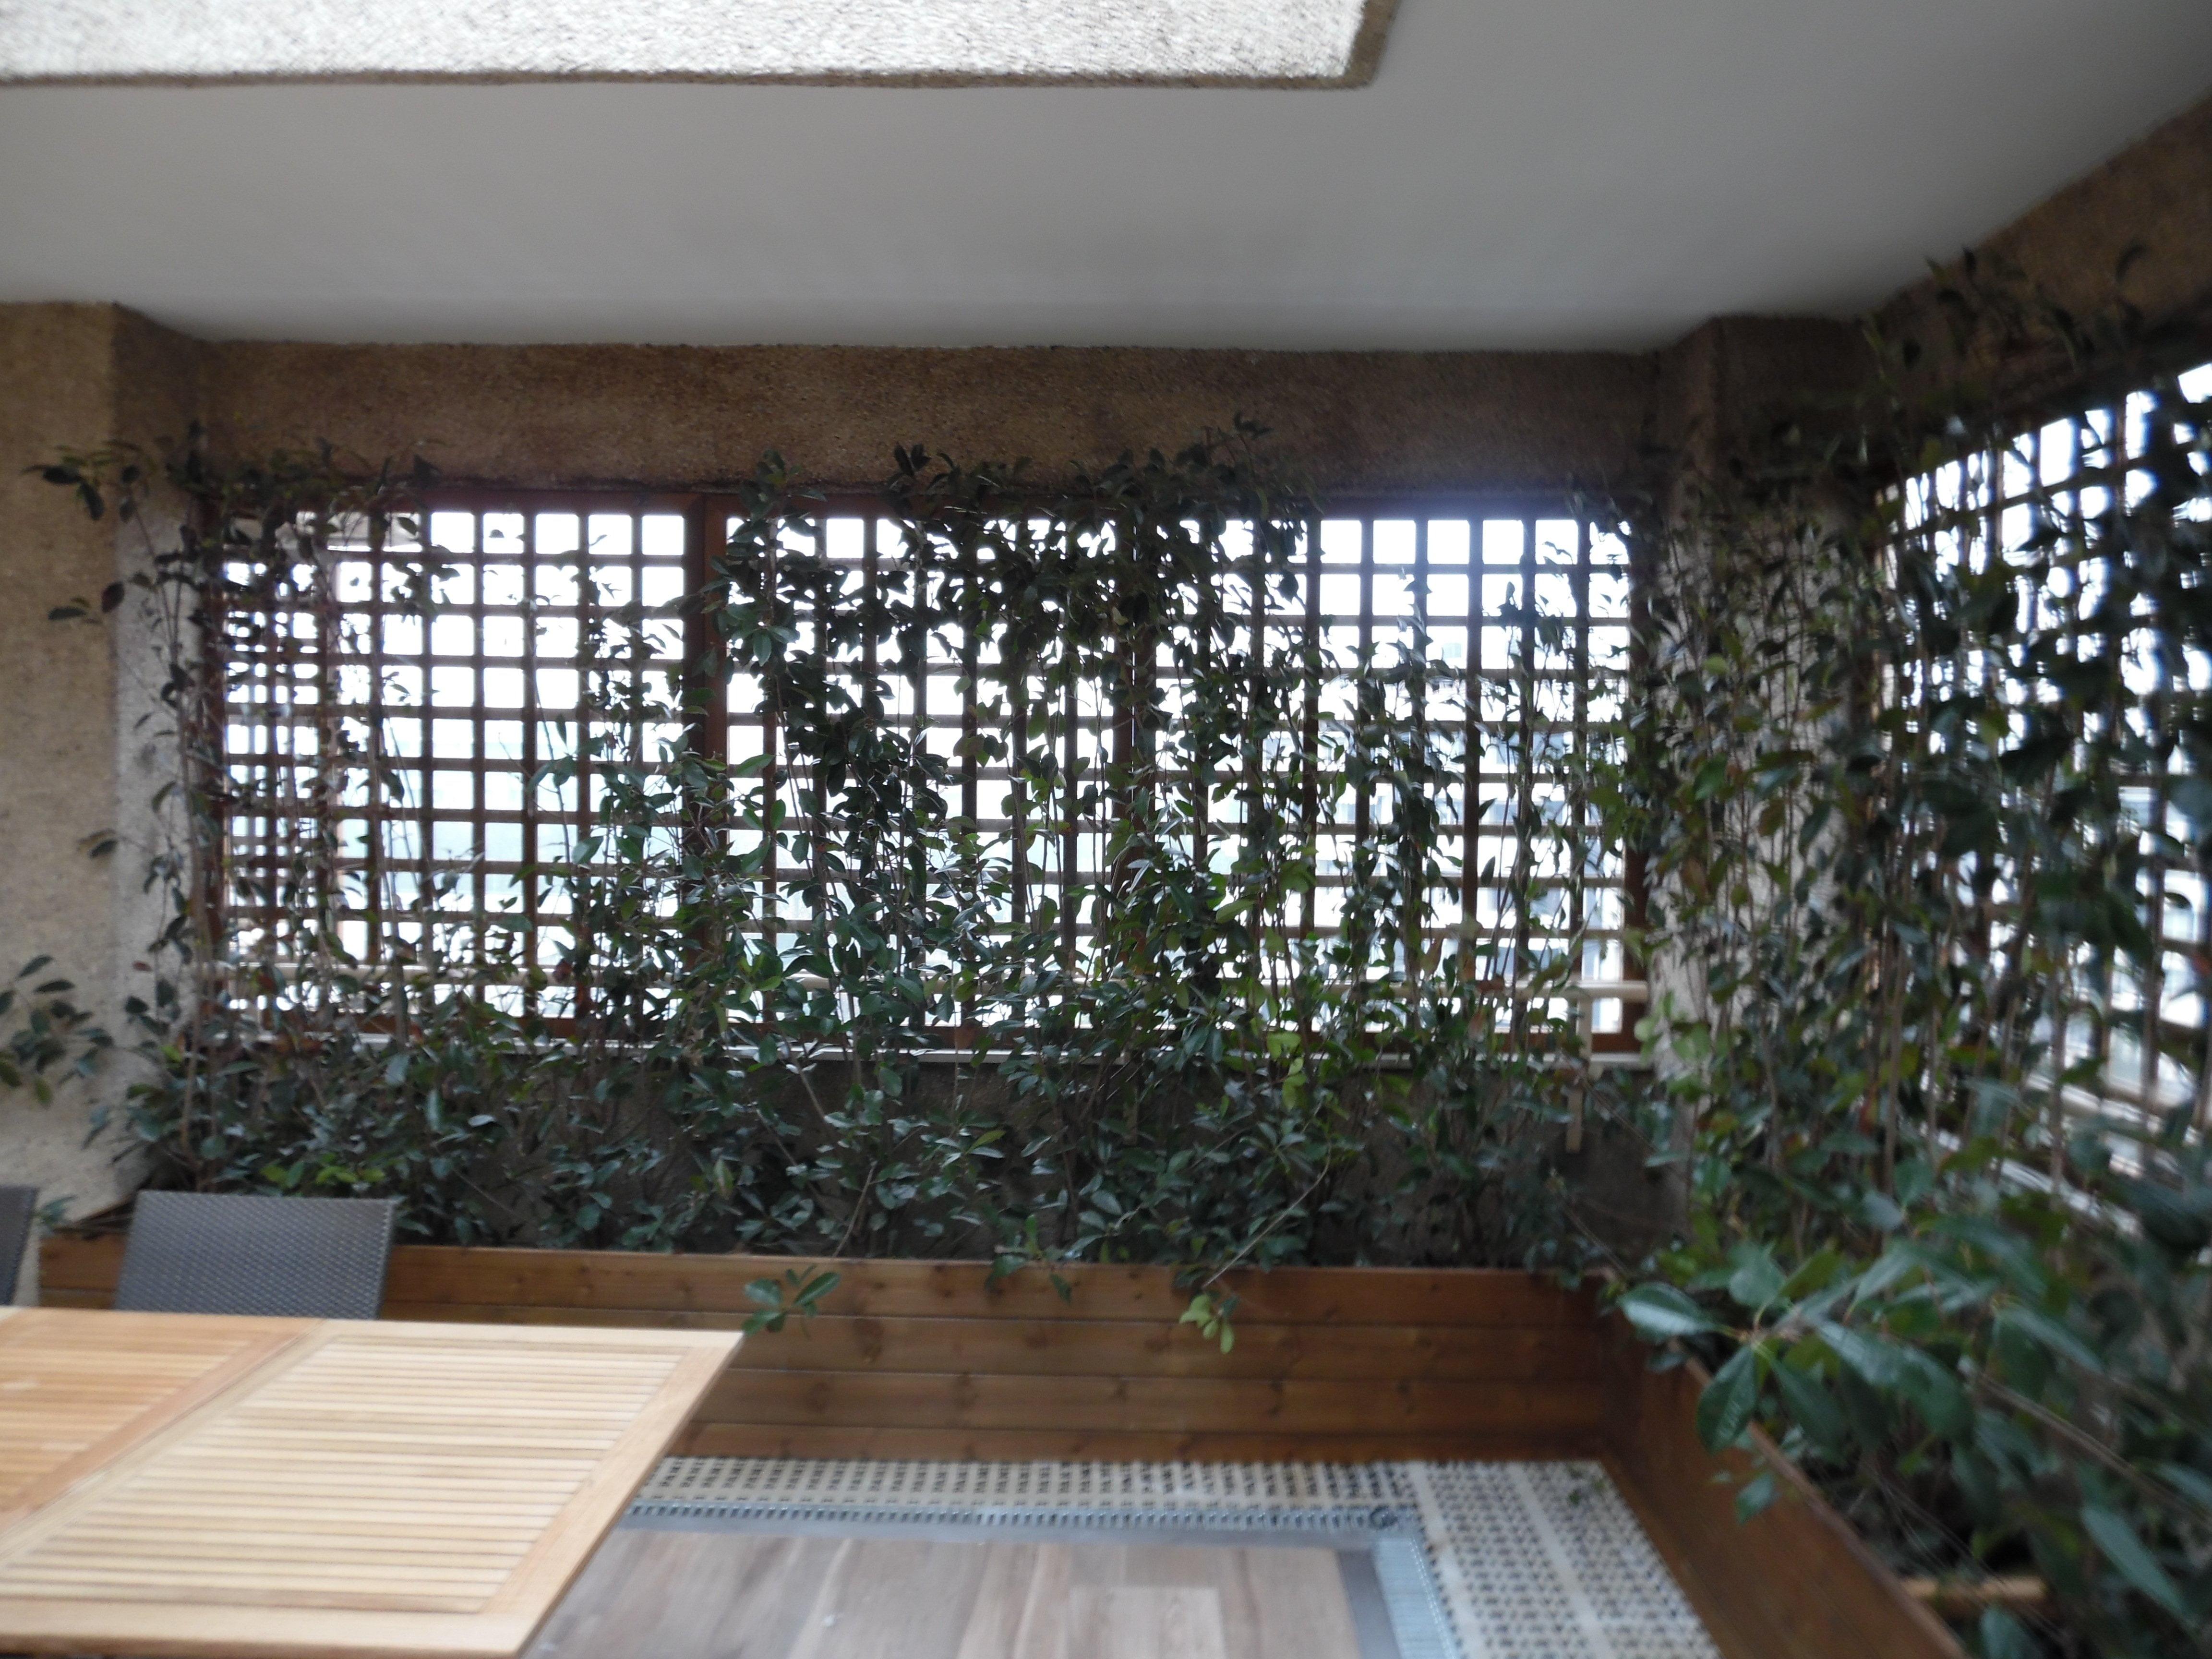 Grigliati in legno per esterno con policarbonato for Grigliati in legno ikea